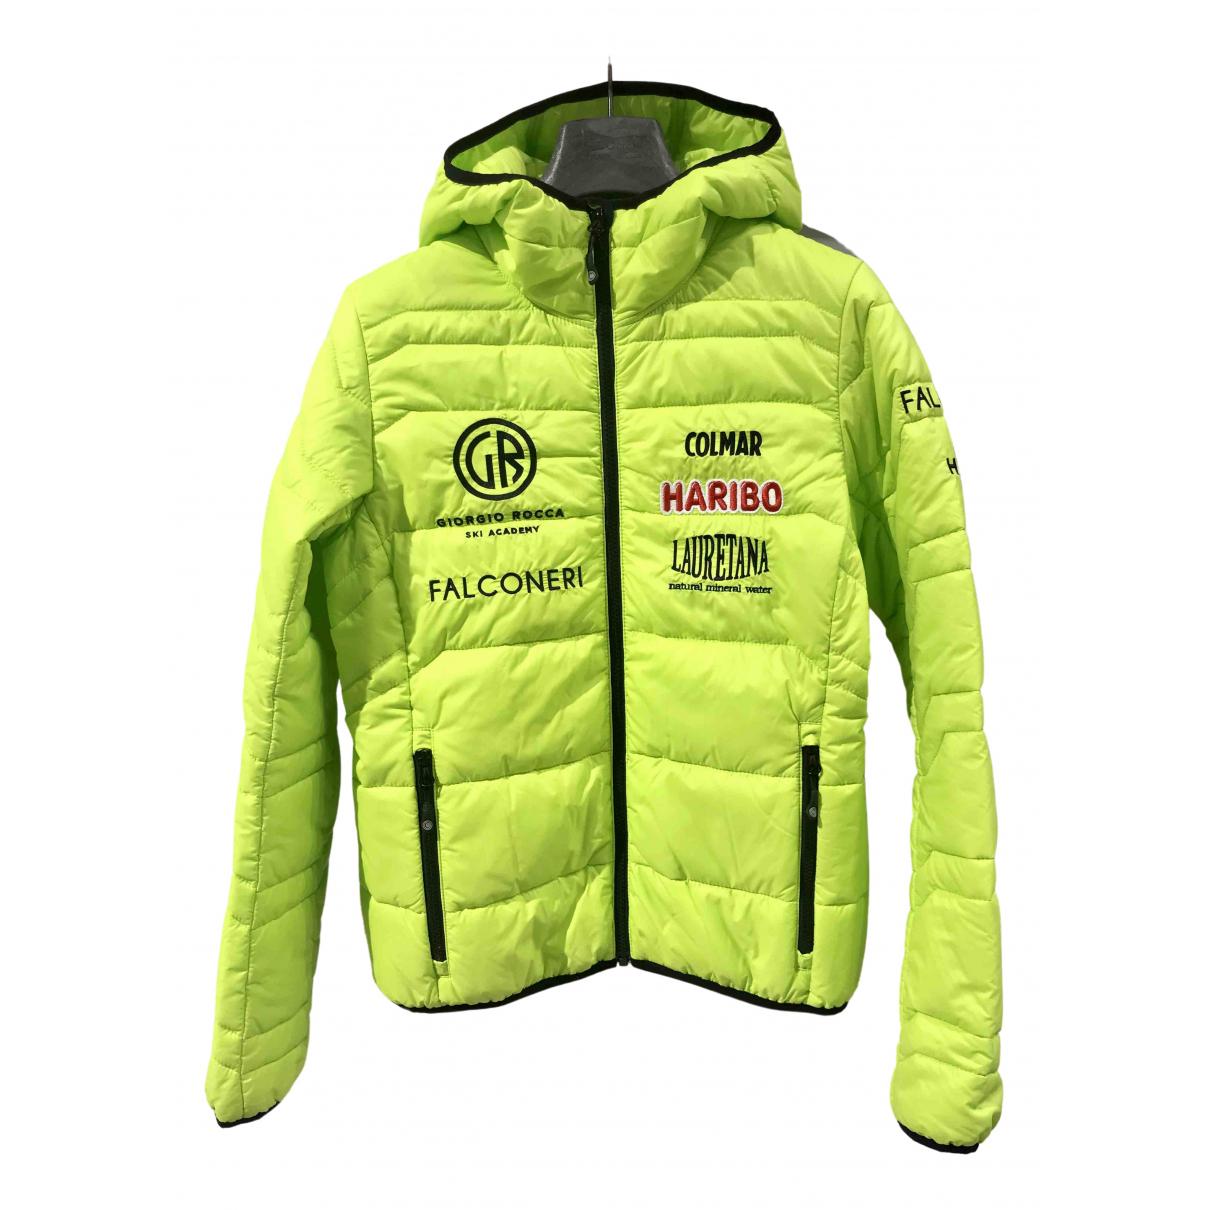 Colmar \N Yellow coat for Women 40 IT